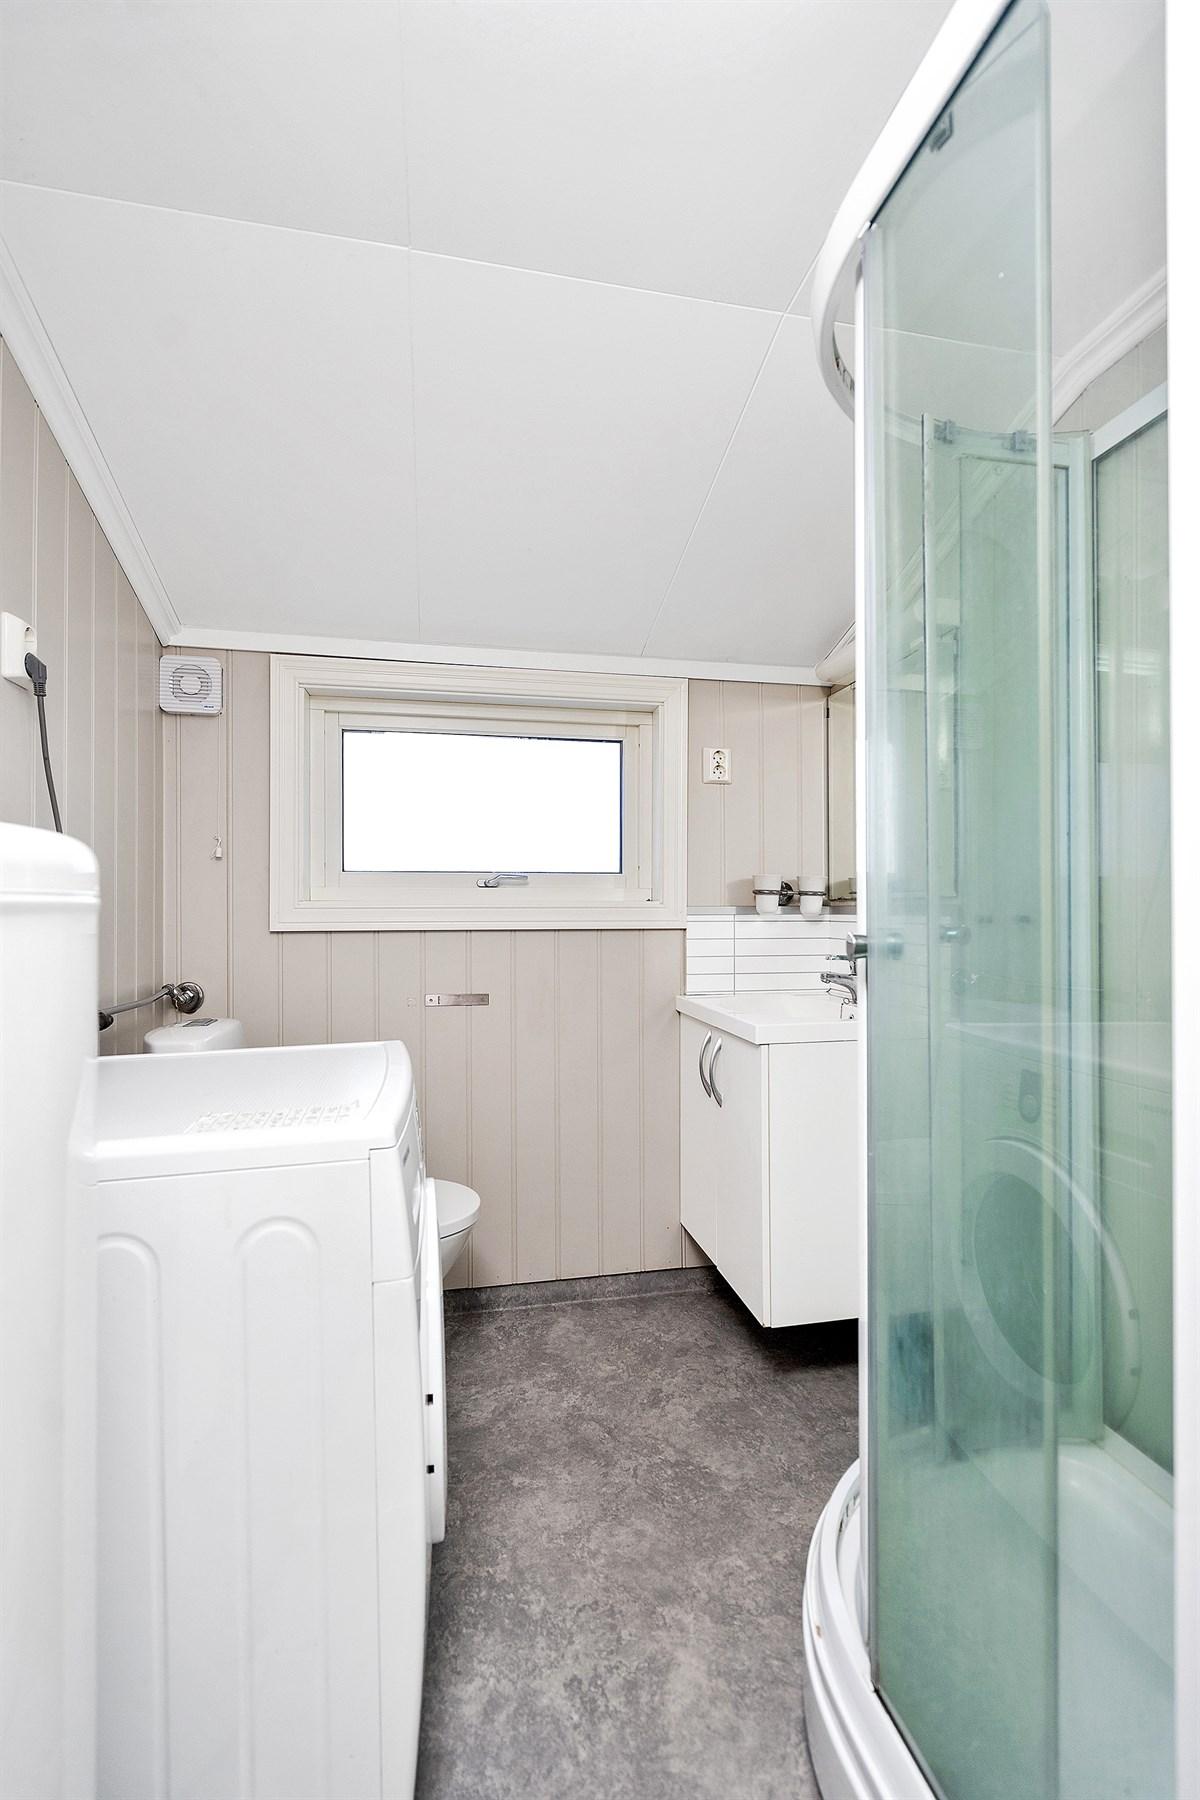 Bad i lyse farger med dusjkabinett og lys baderomsinnredning